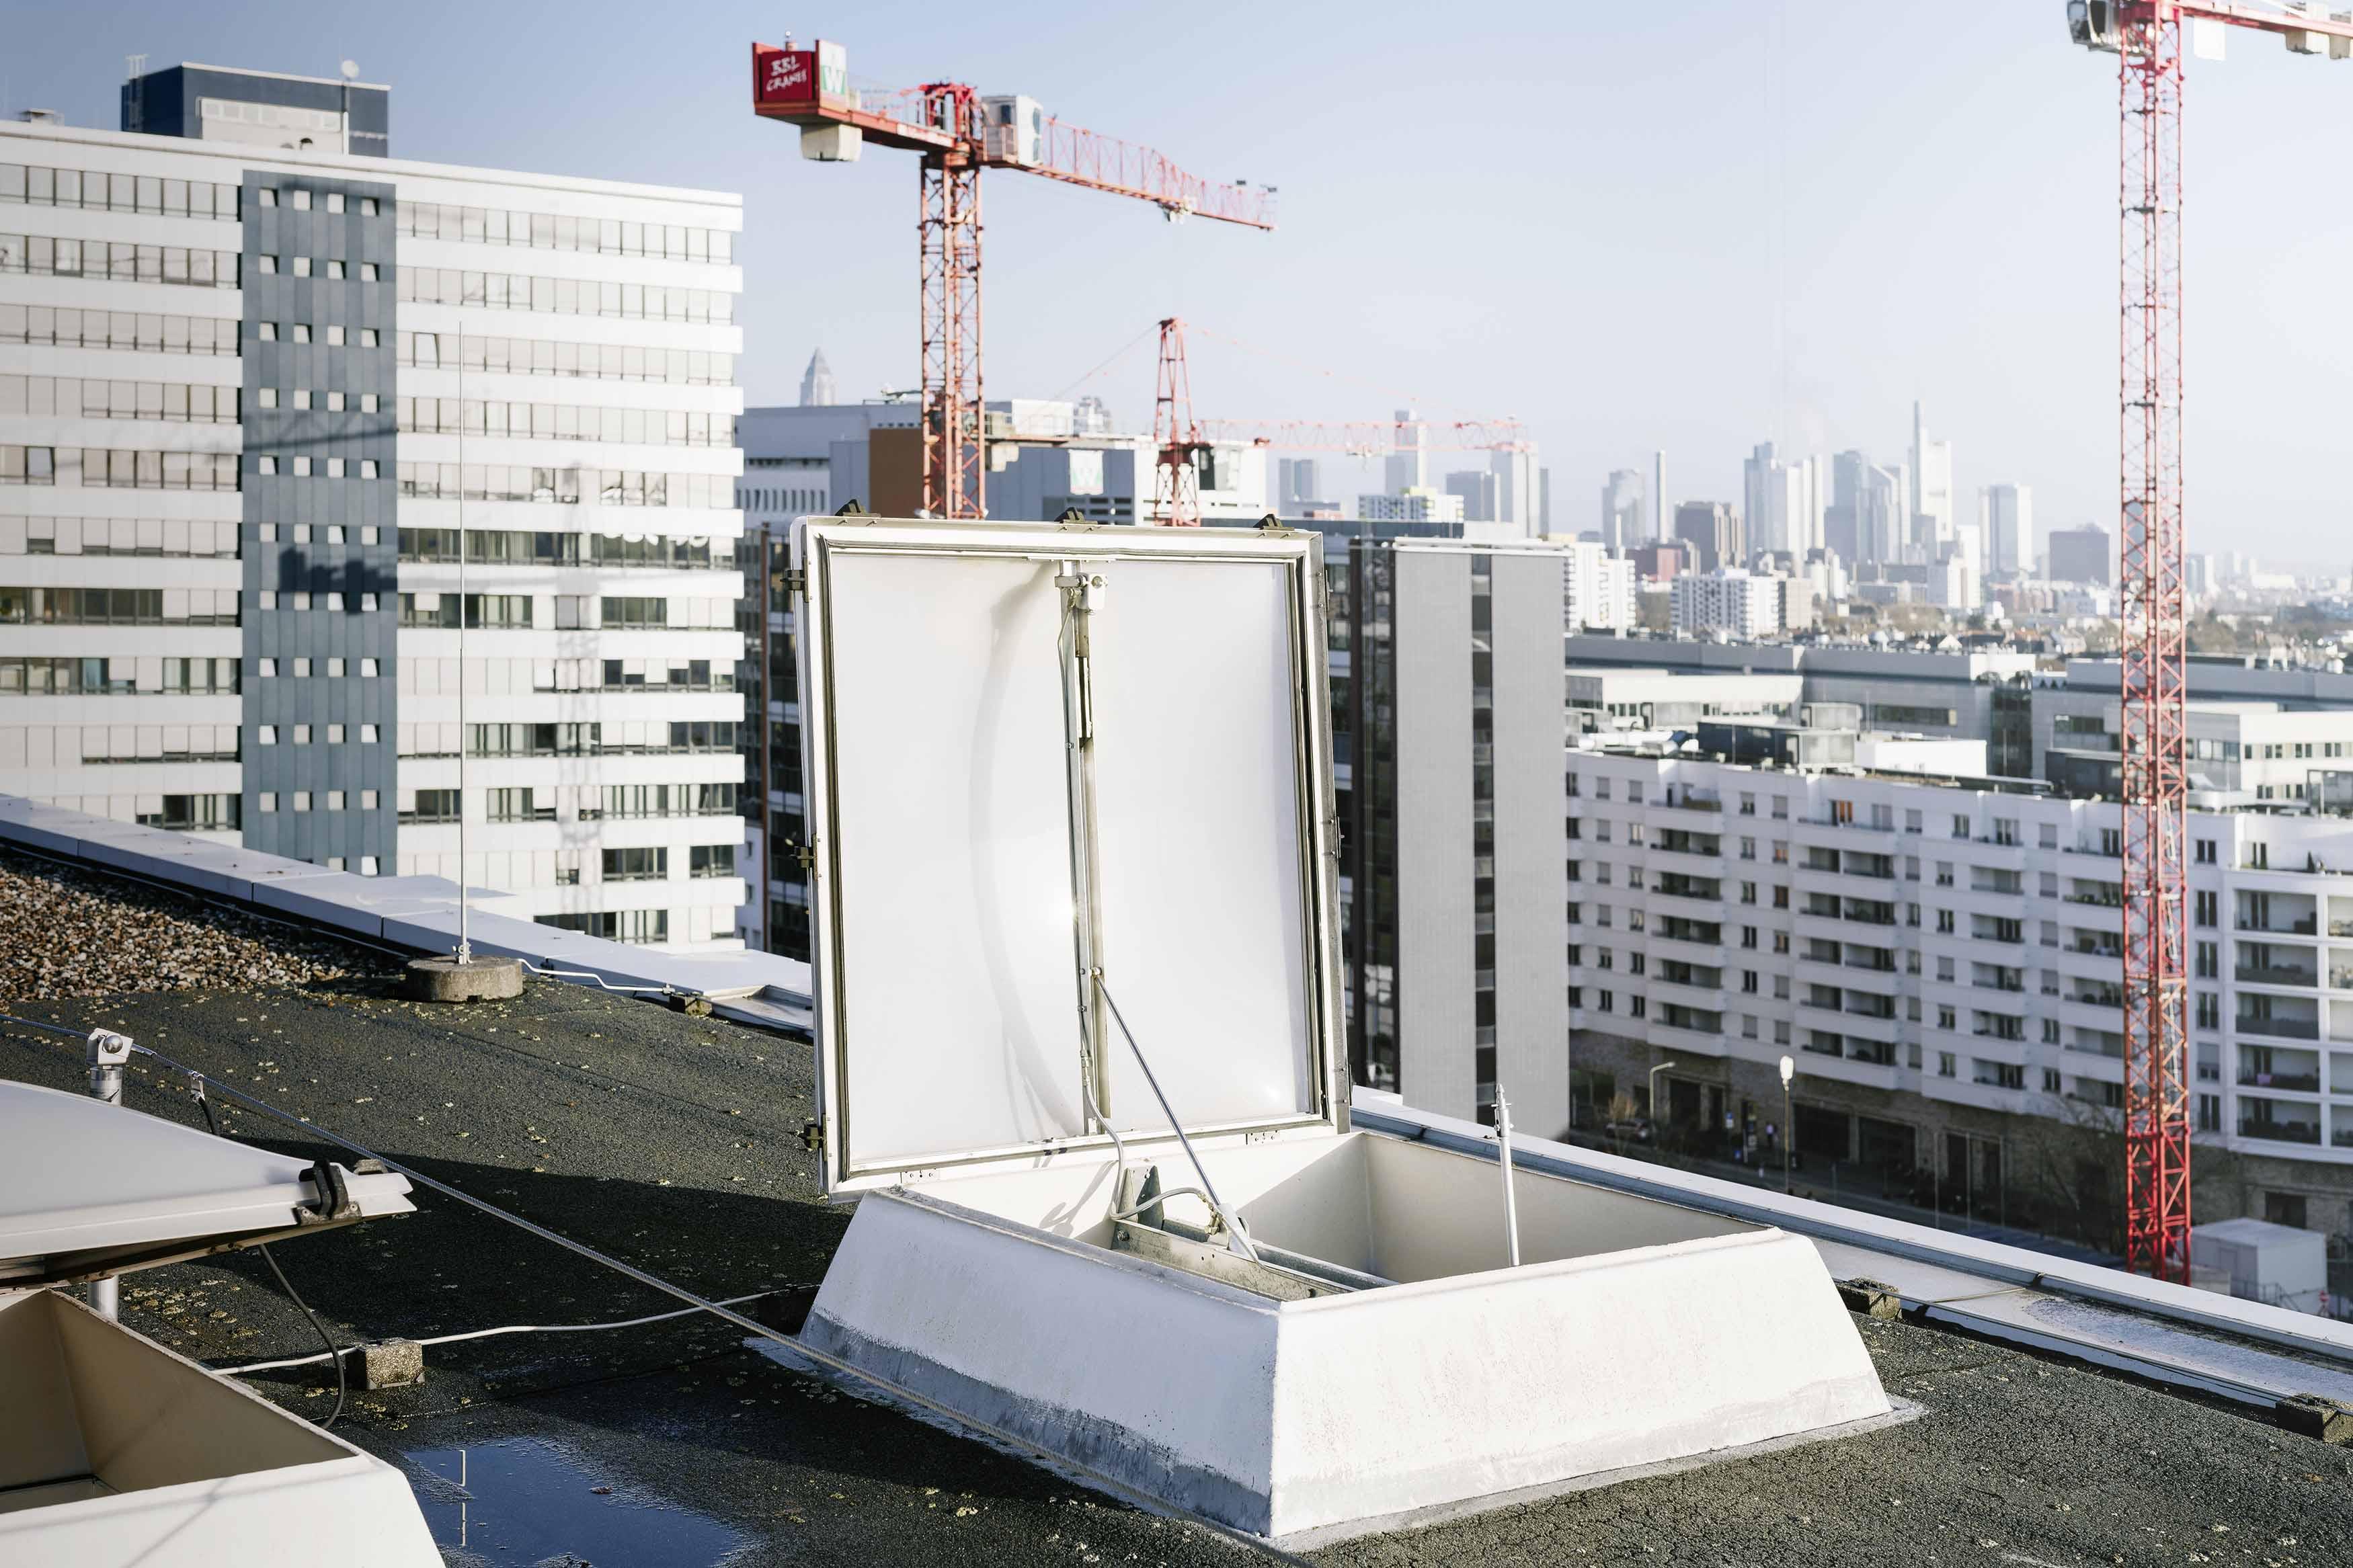 Geöffnete Rauchabzugskuppel auf einem Gebäudedach